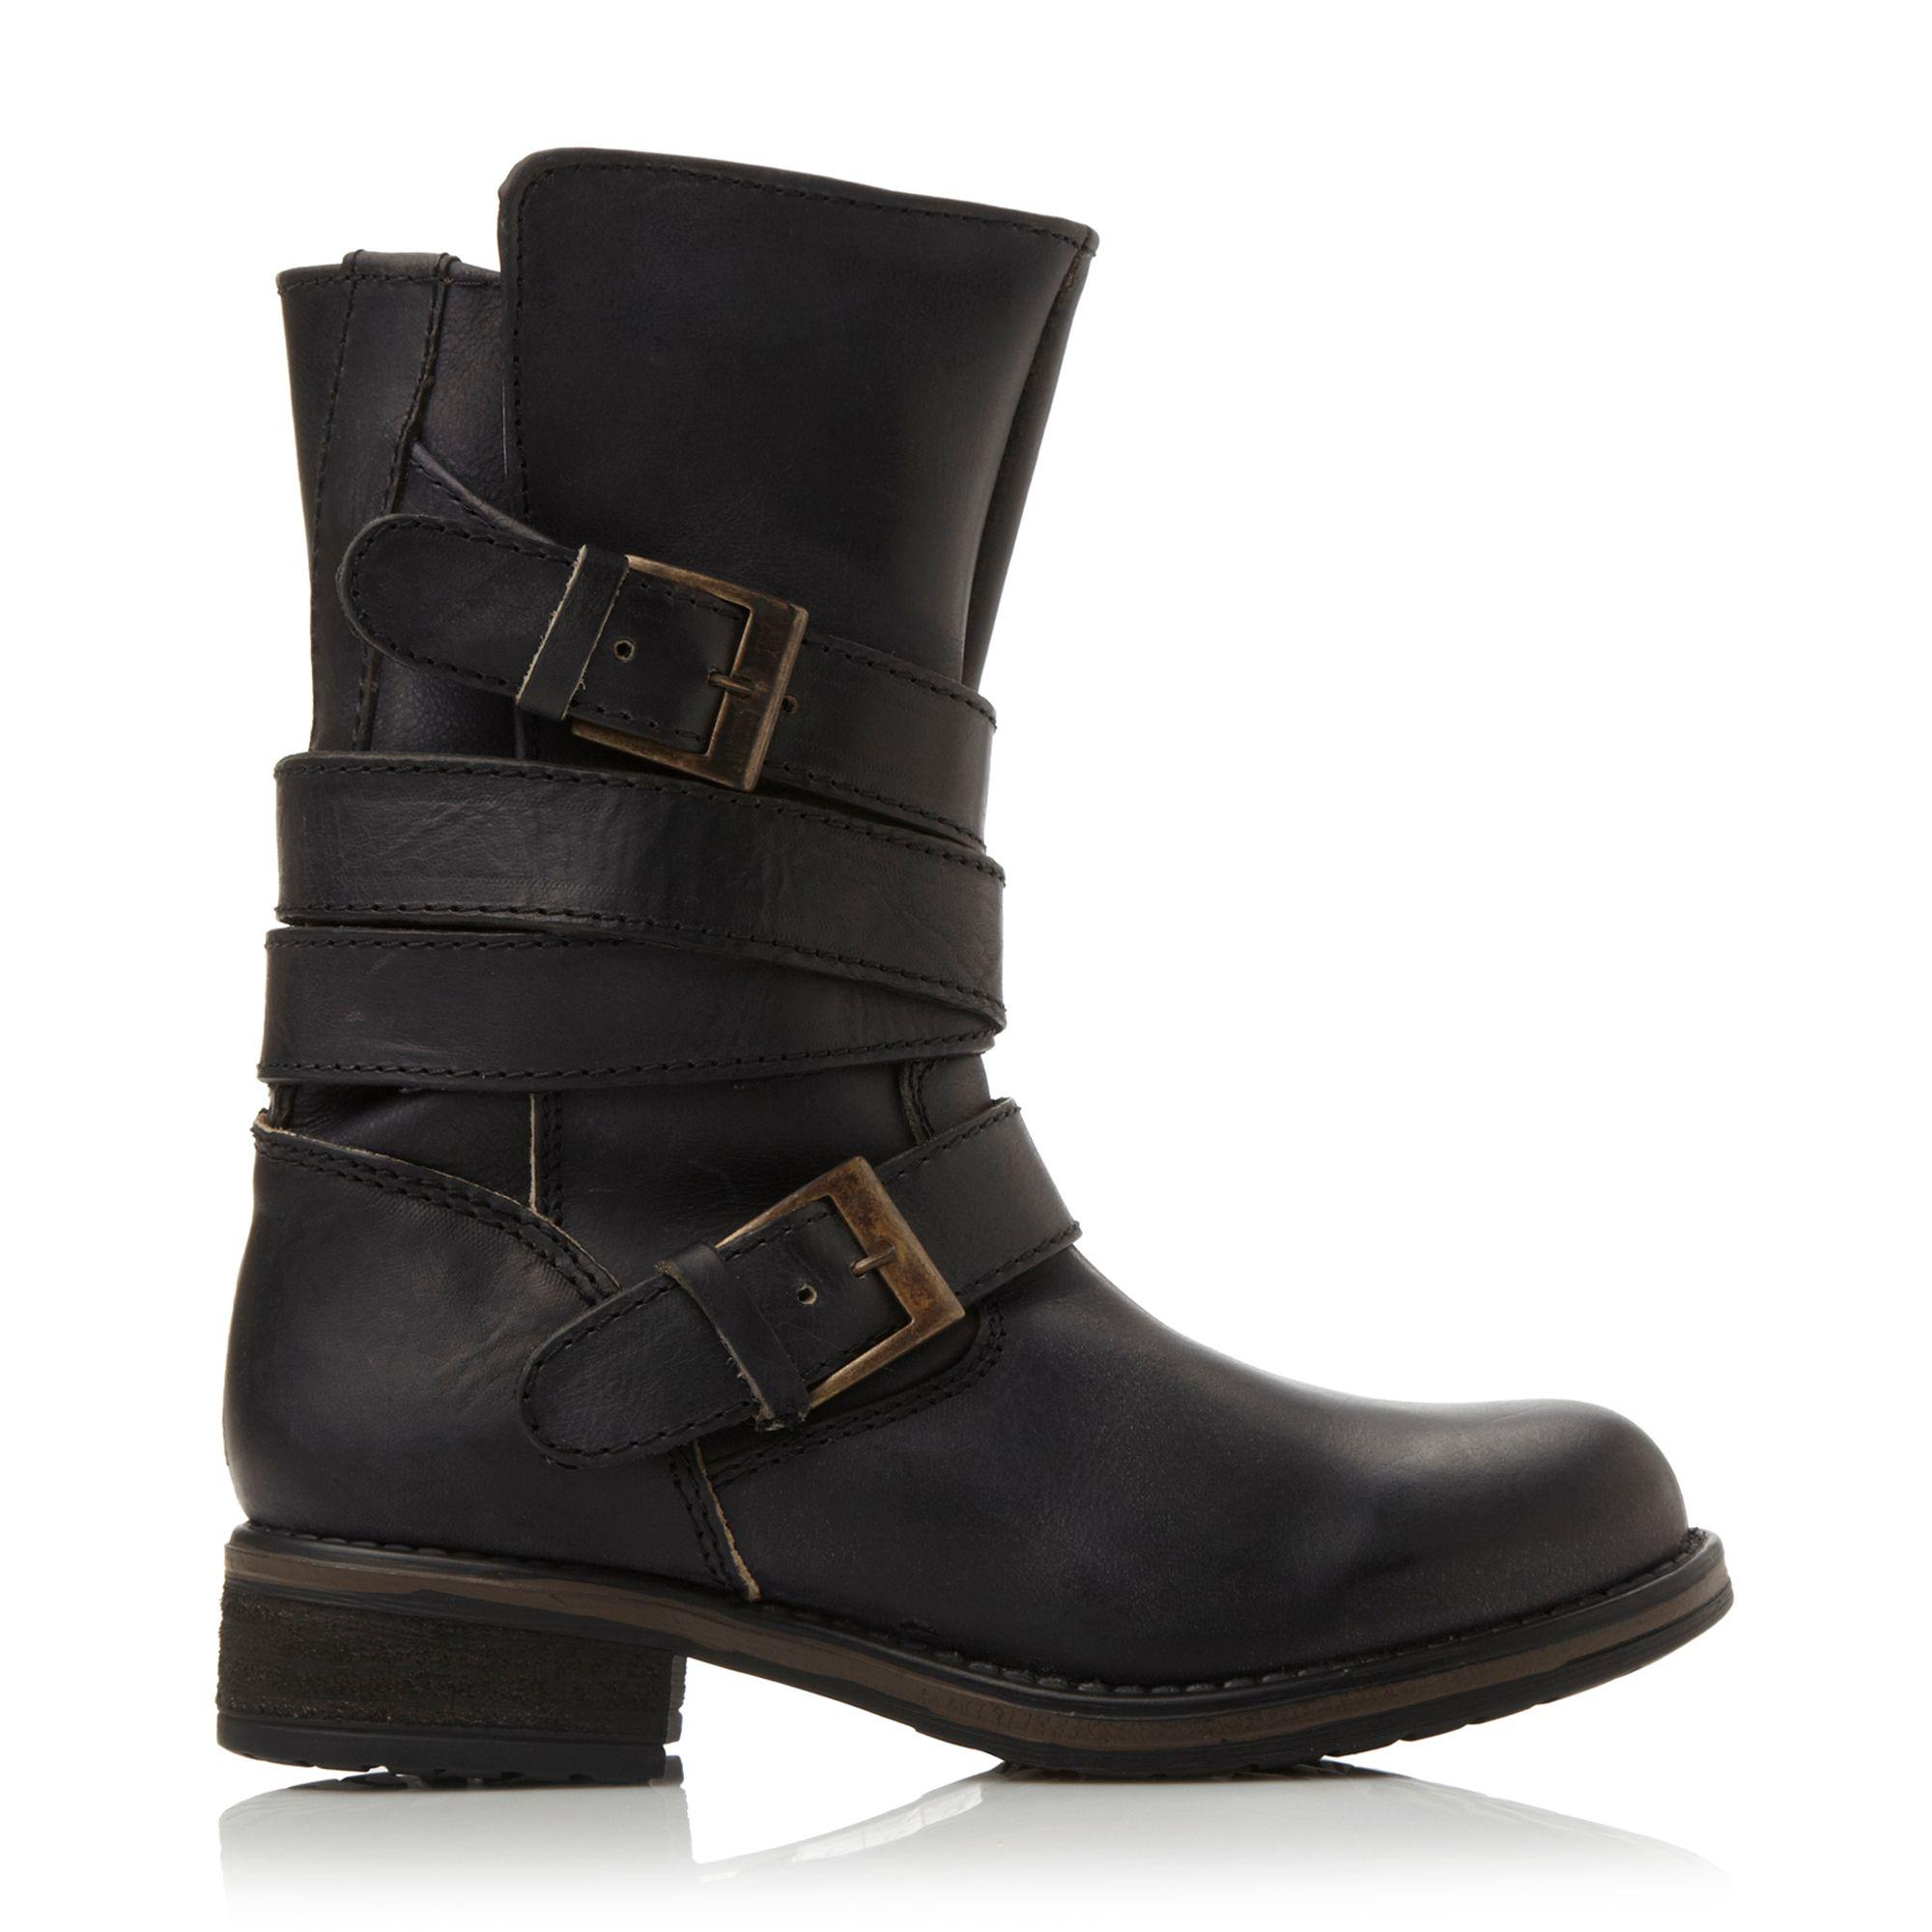 steve madden kindell strap detail calf boots in black lyst. Black Bedroom Furniture Sets. Home Design Ideas